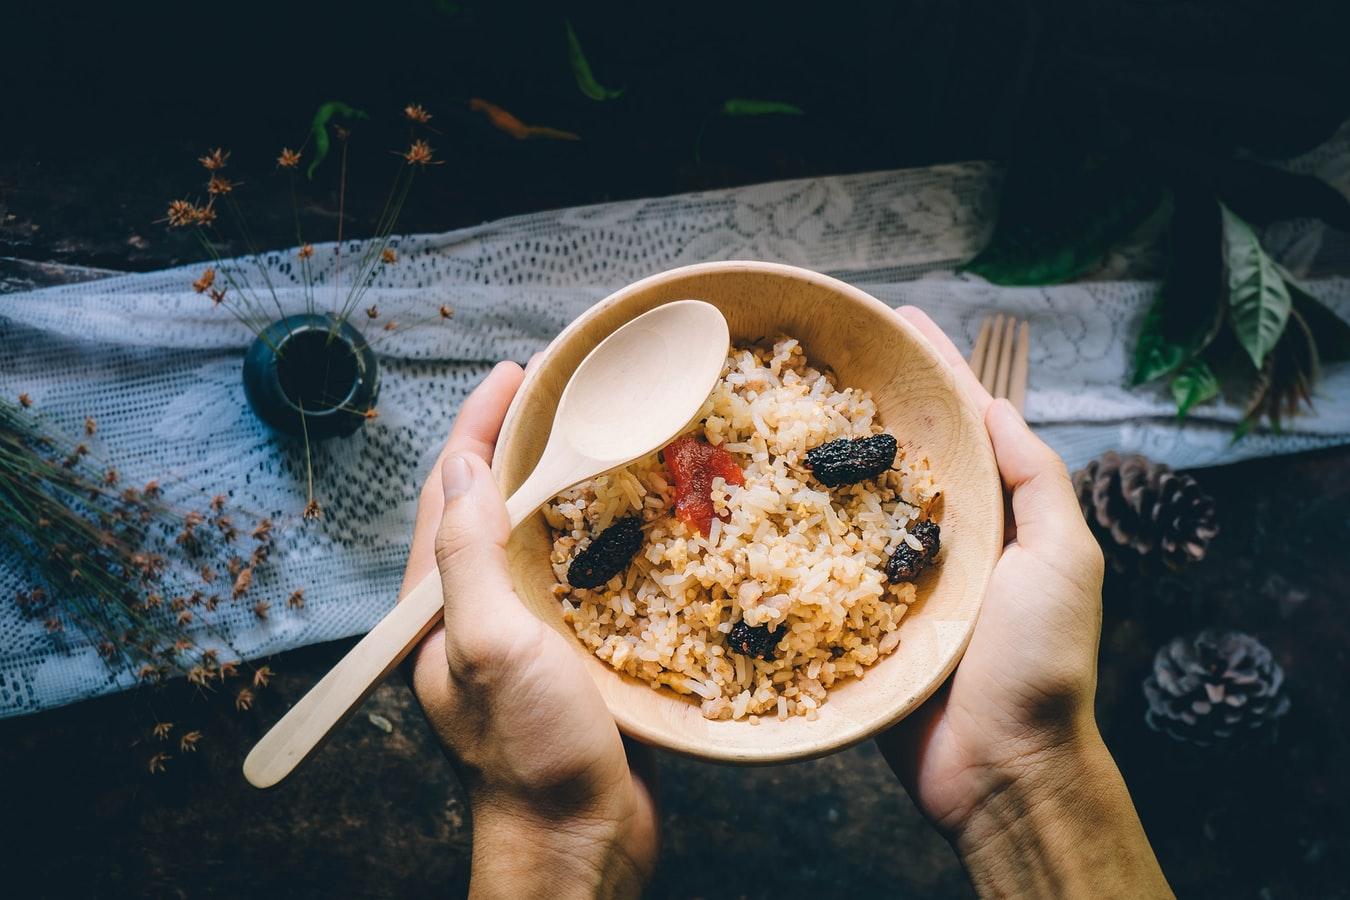 糙米營養驚人 但不是人人都適合